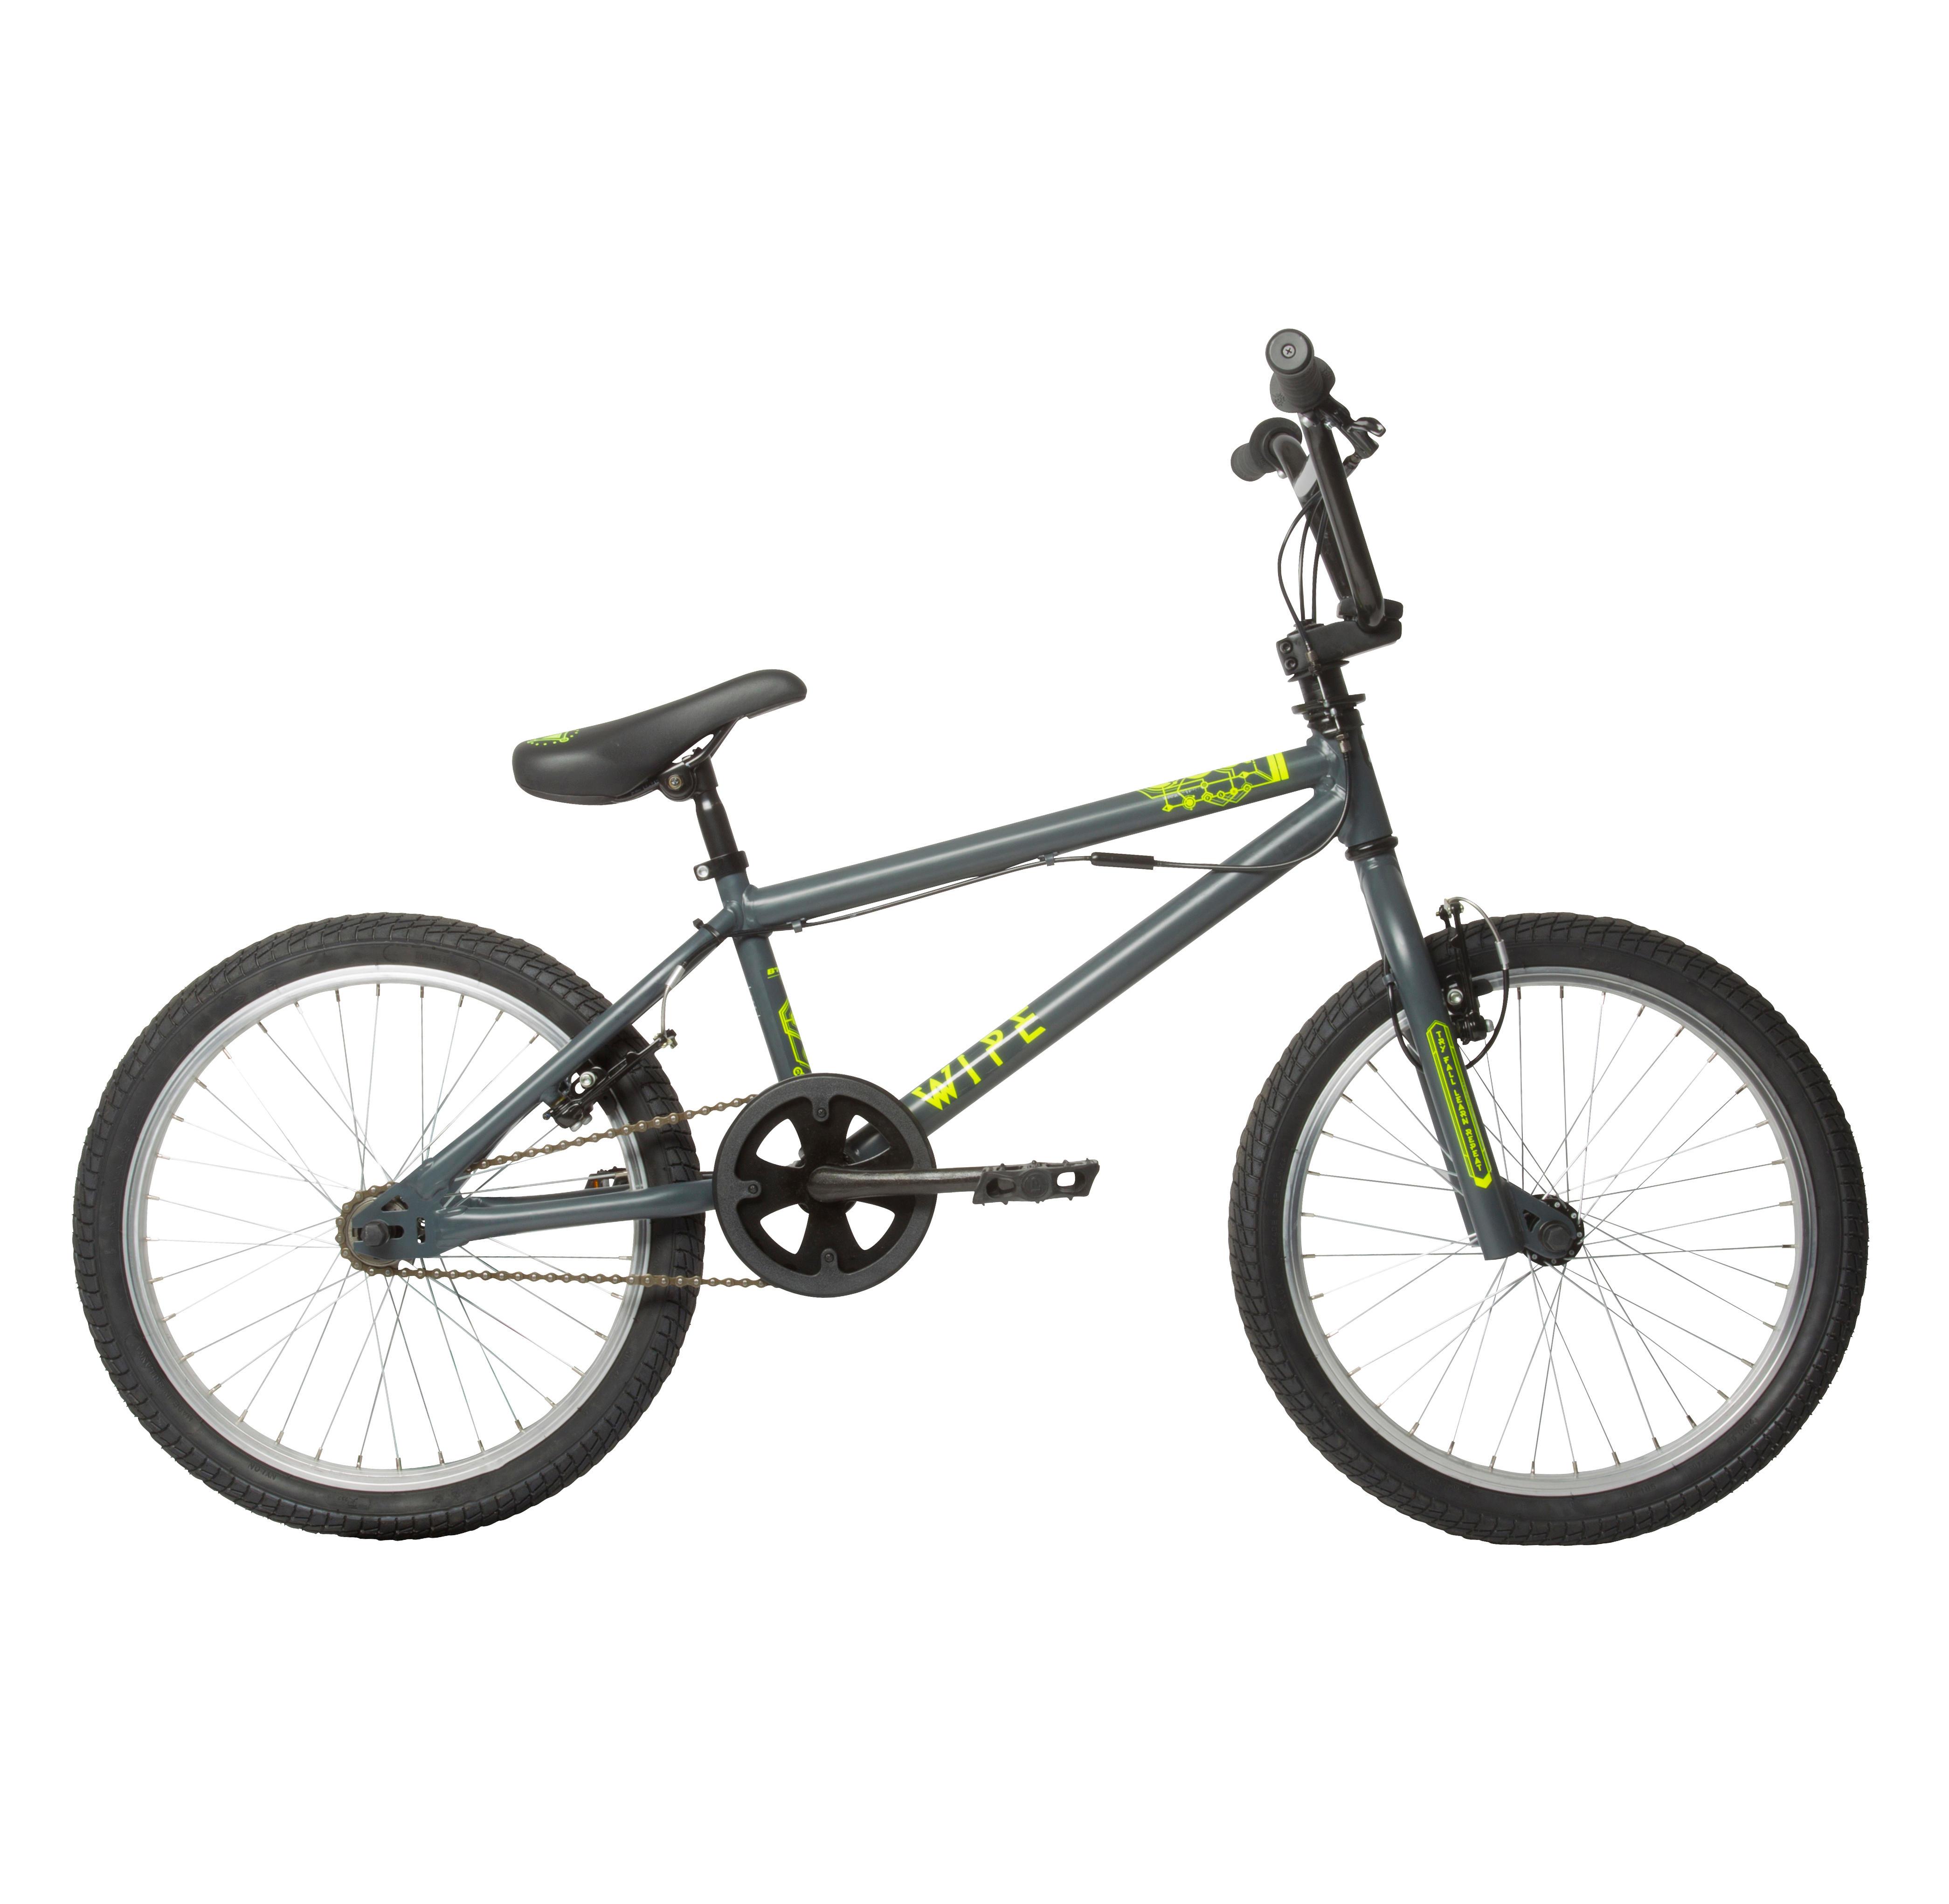 B'twin BMX Wipe 300 donkergrijs - JUNIOR